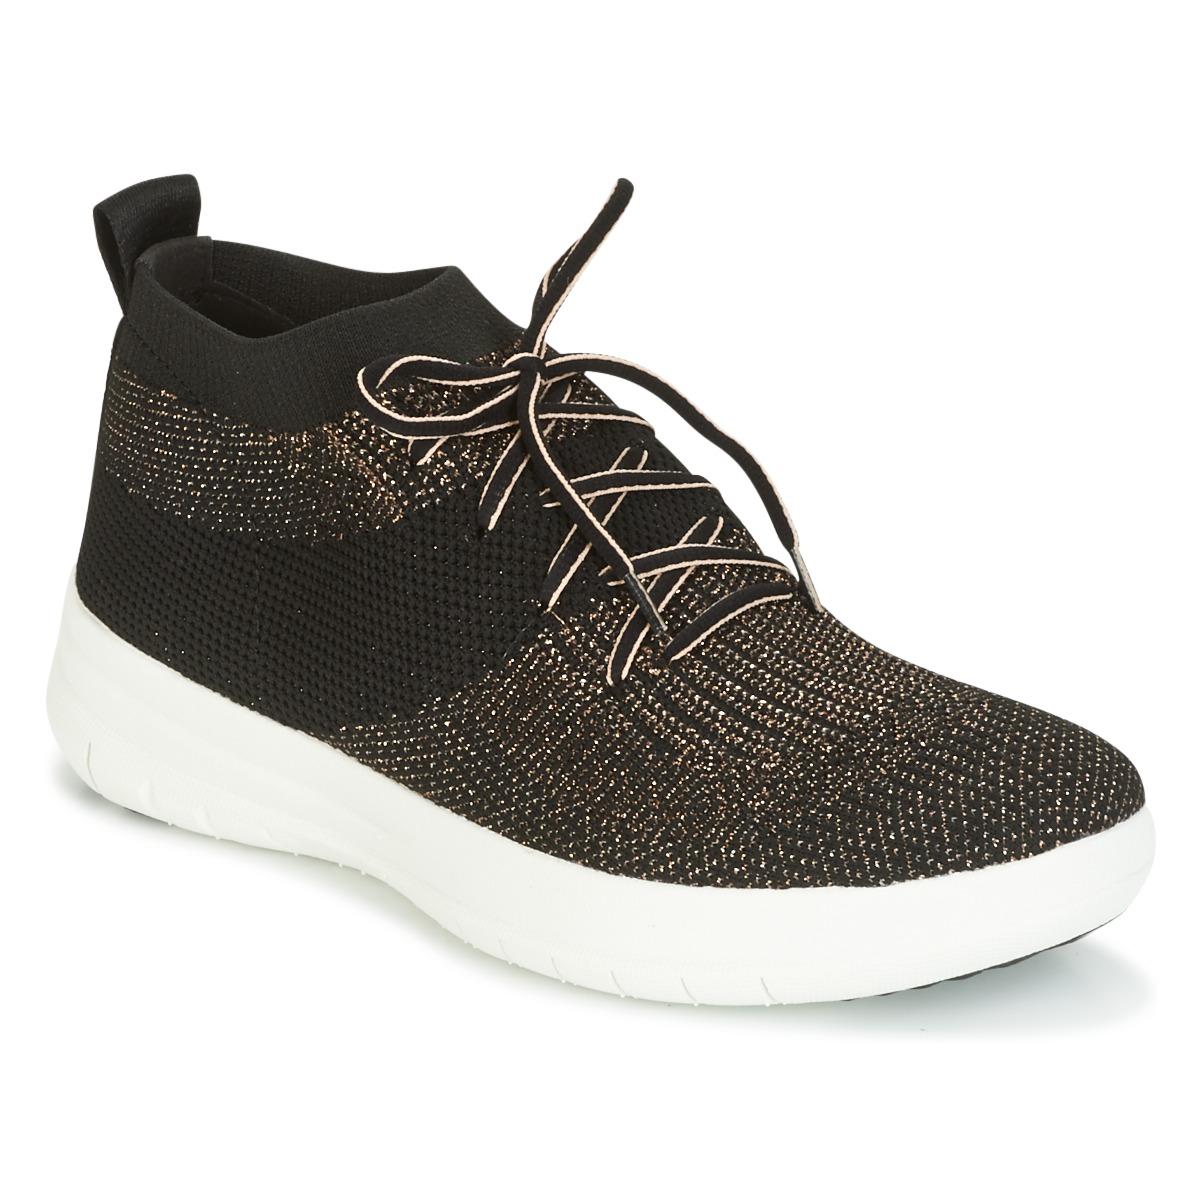 Sneakers FitFlop  UBERKNIT SLIP-ON HIGH TOP SNEAKER